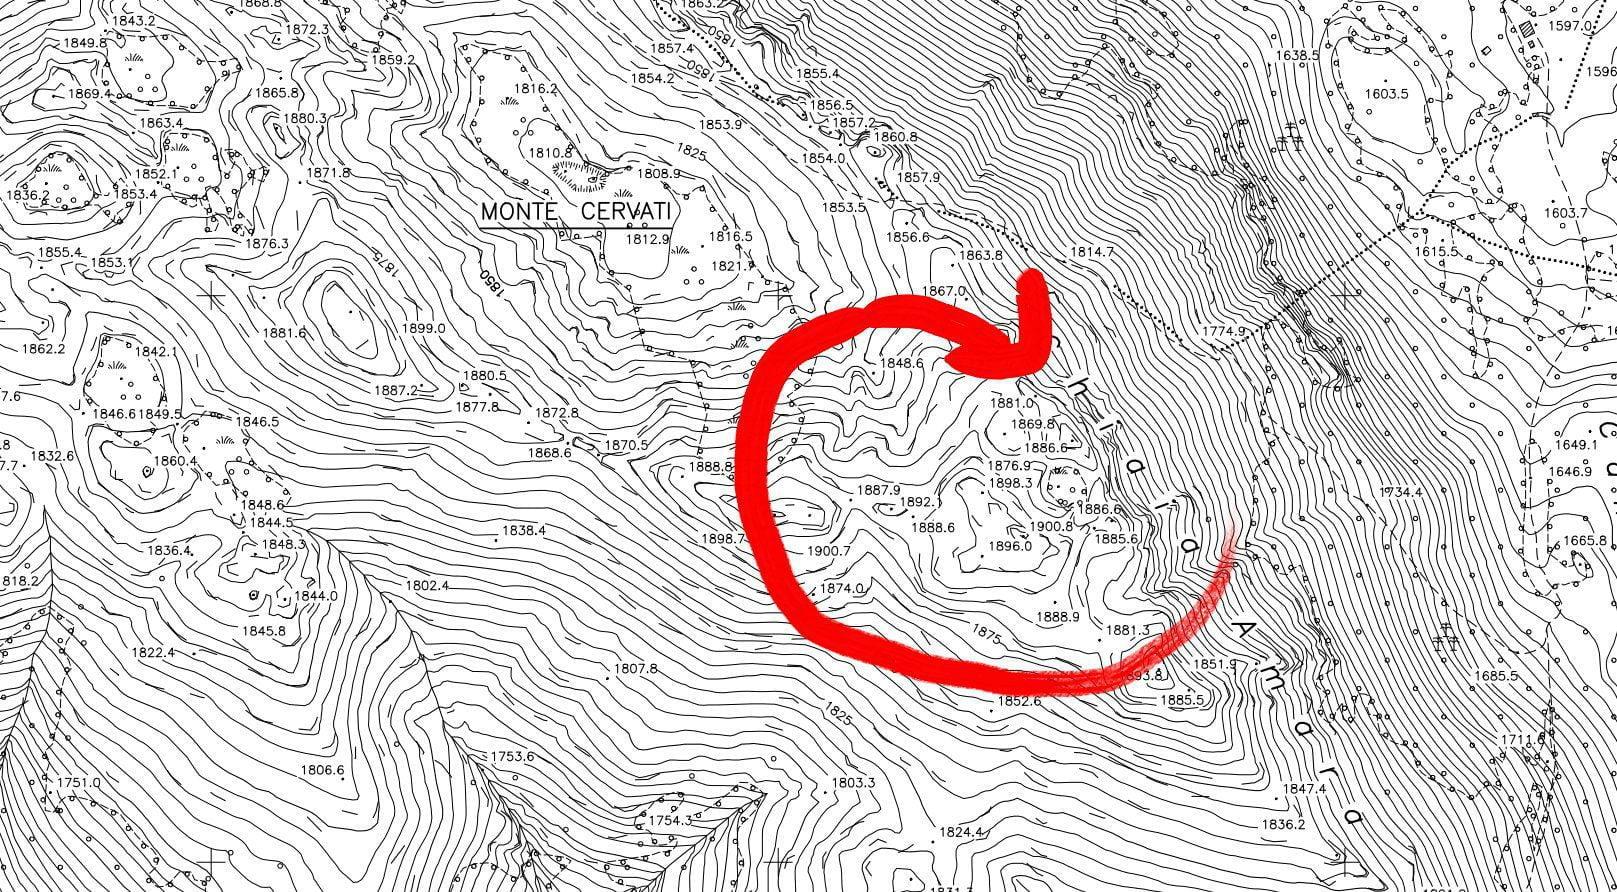 ingrandimentomappa - Cervati vetta piu' alta in Campania? Le precisazioni e la mappa in pdf, e non solo...